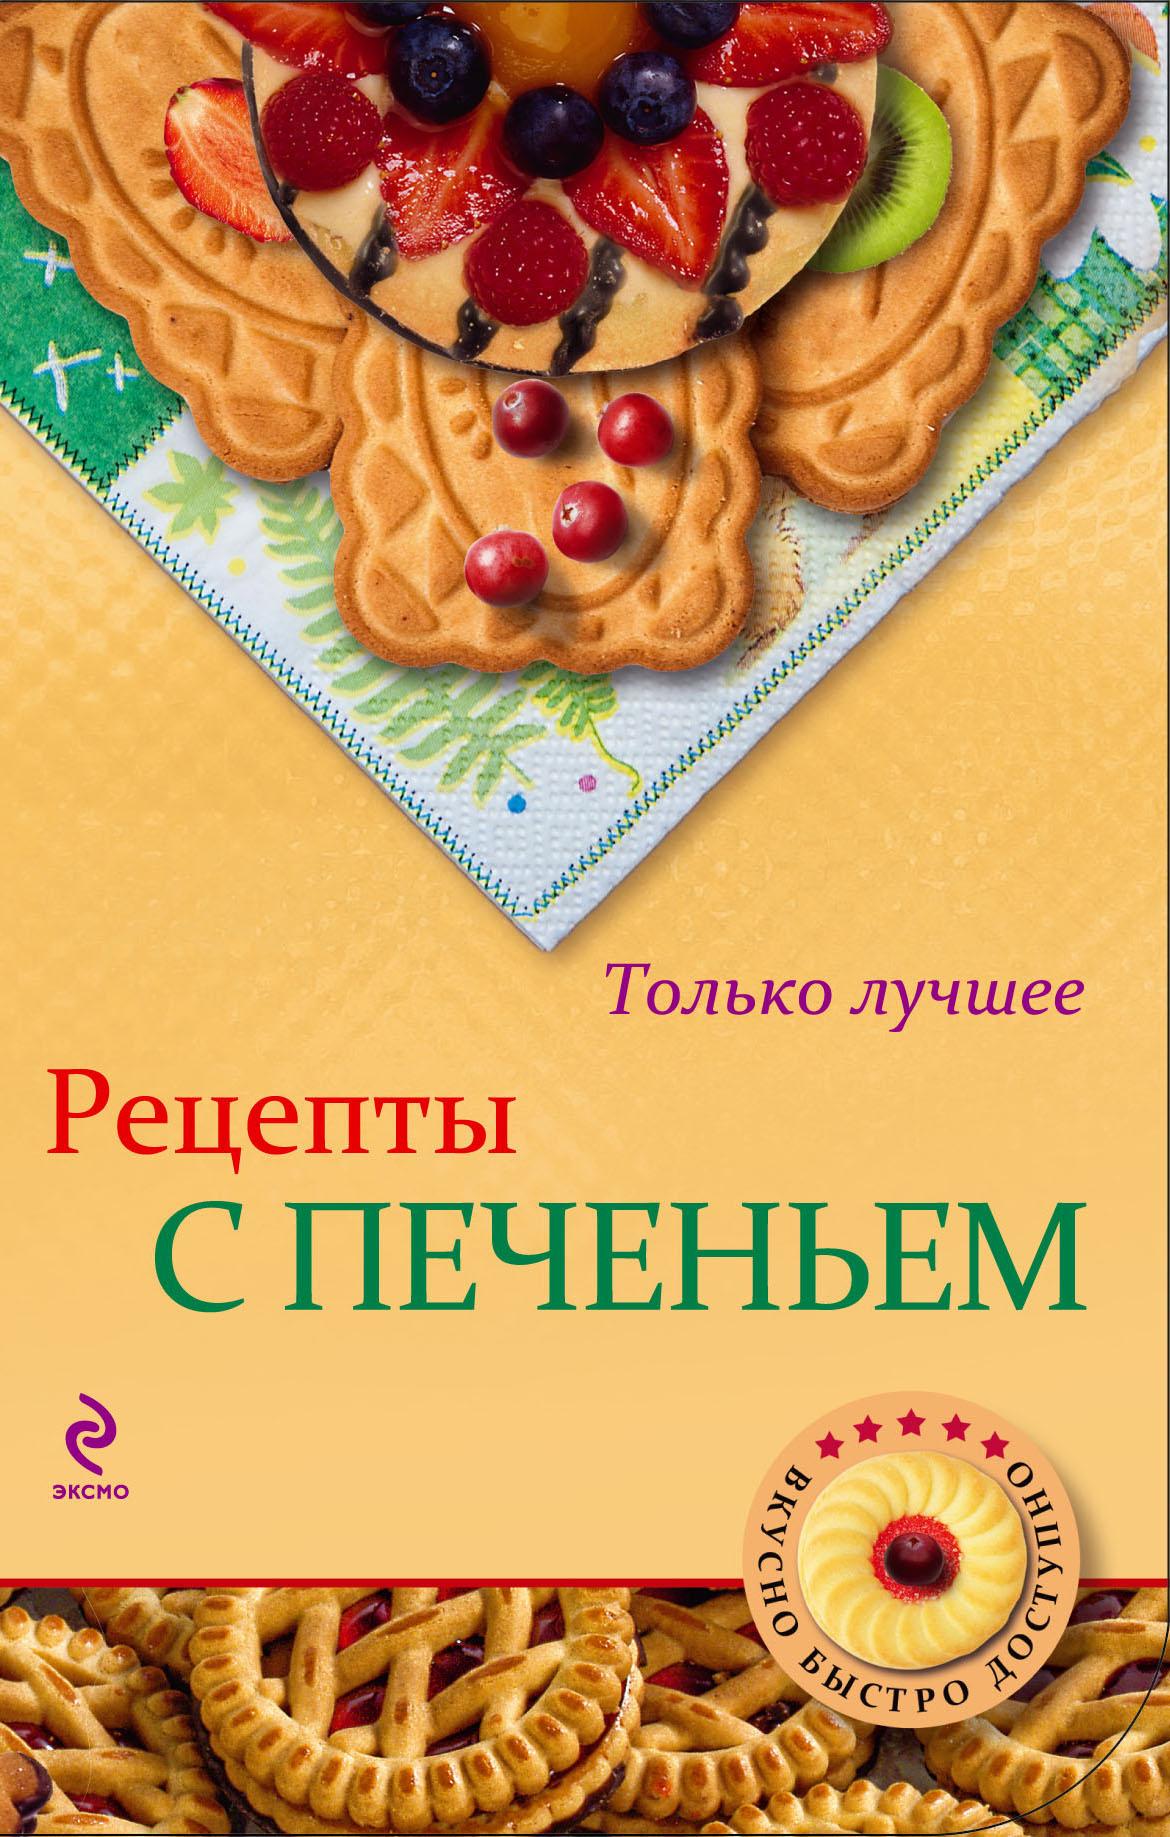 Рецепты с печеньем ( Савинова Н.А., Серебрякова Н.Э.  )